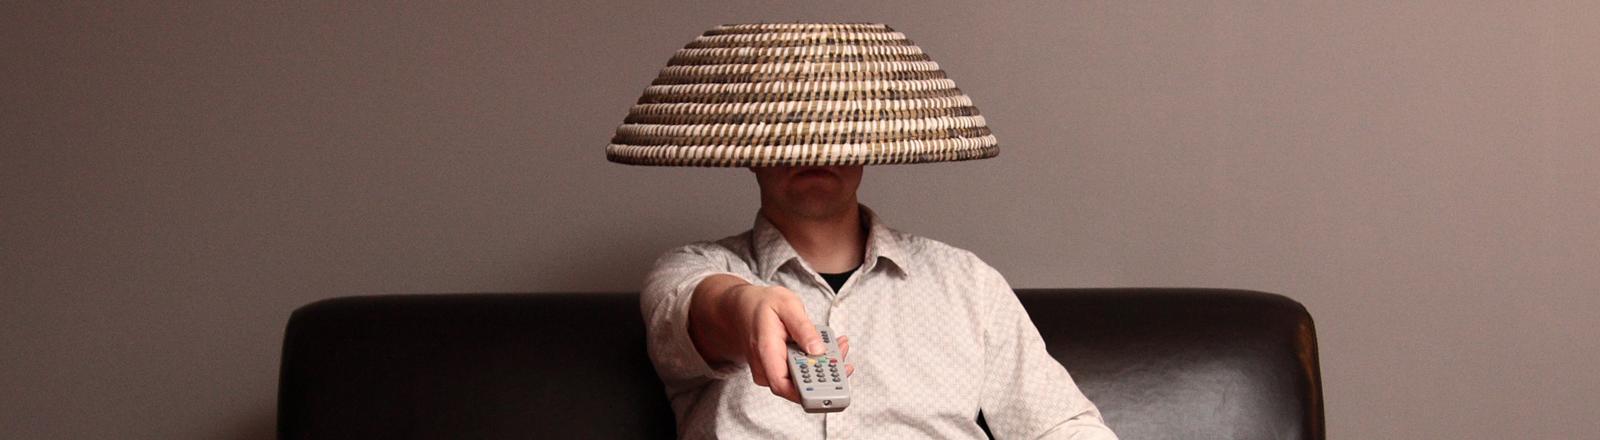 Ein Mann mit einer Fernbedienung auf einem Sofa